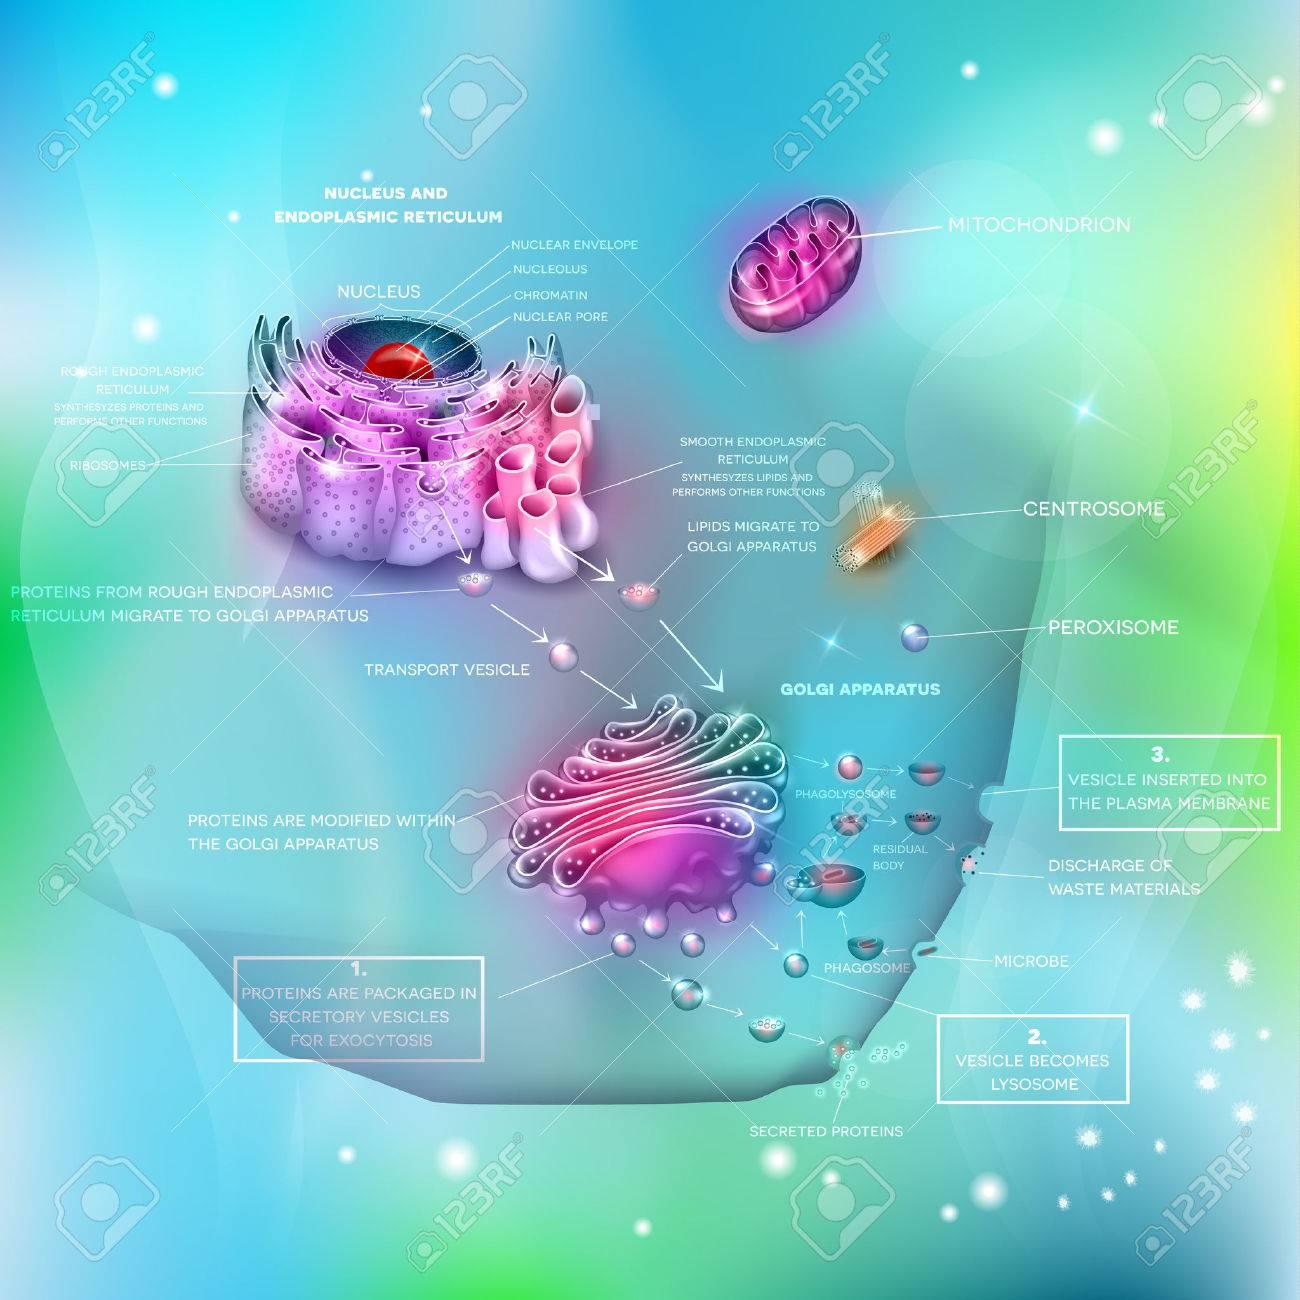 Cell Anatomy And Functions, Nucleus, Endoplasmic Reticulum, Golgi ...